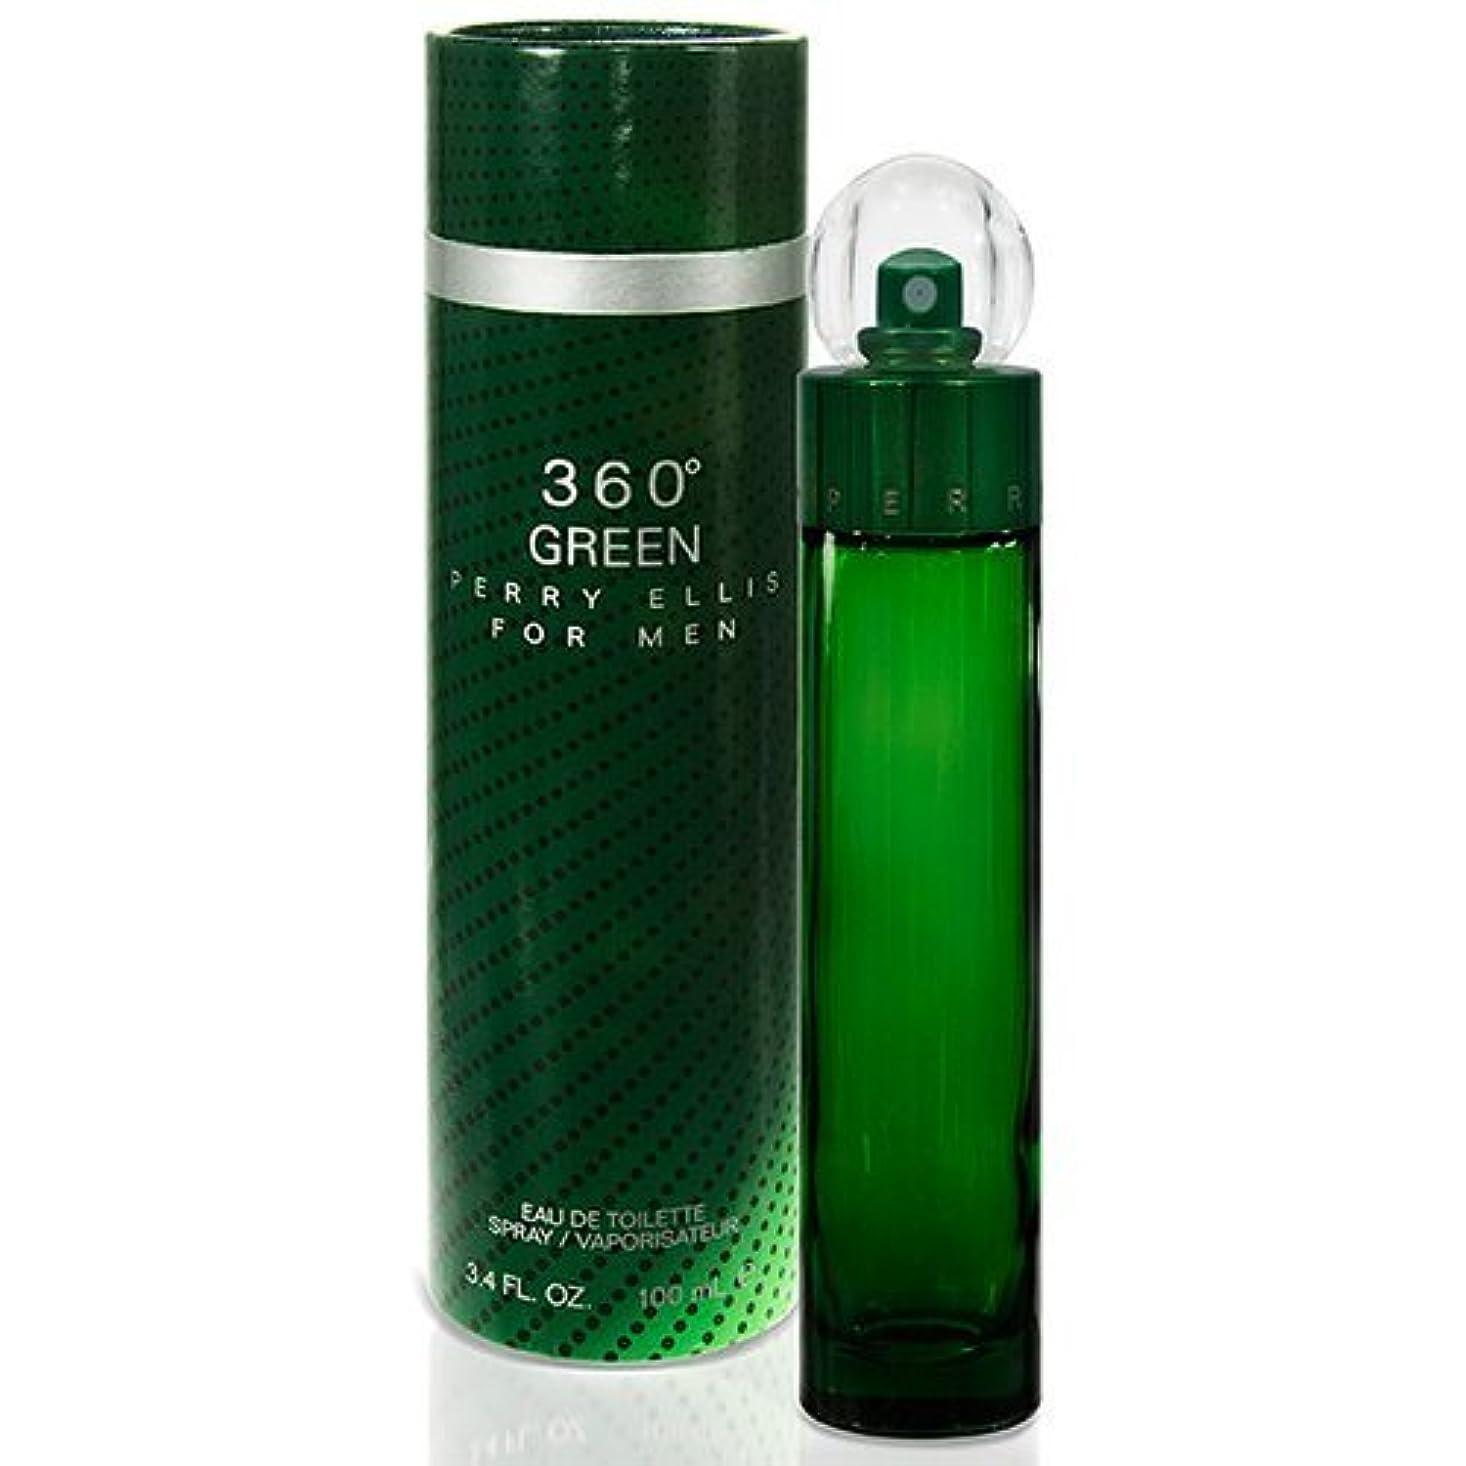 多くの危険がある状況良性孤独なペリーエリス PERRY ELLIS 360°グリーン フォーメン 100ml EDT SP オードトワレスプレー